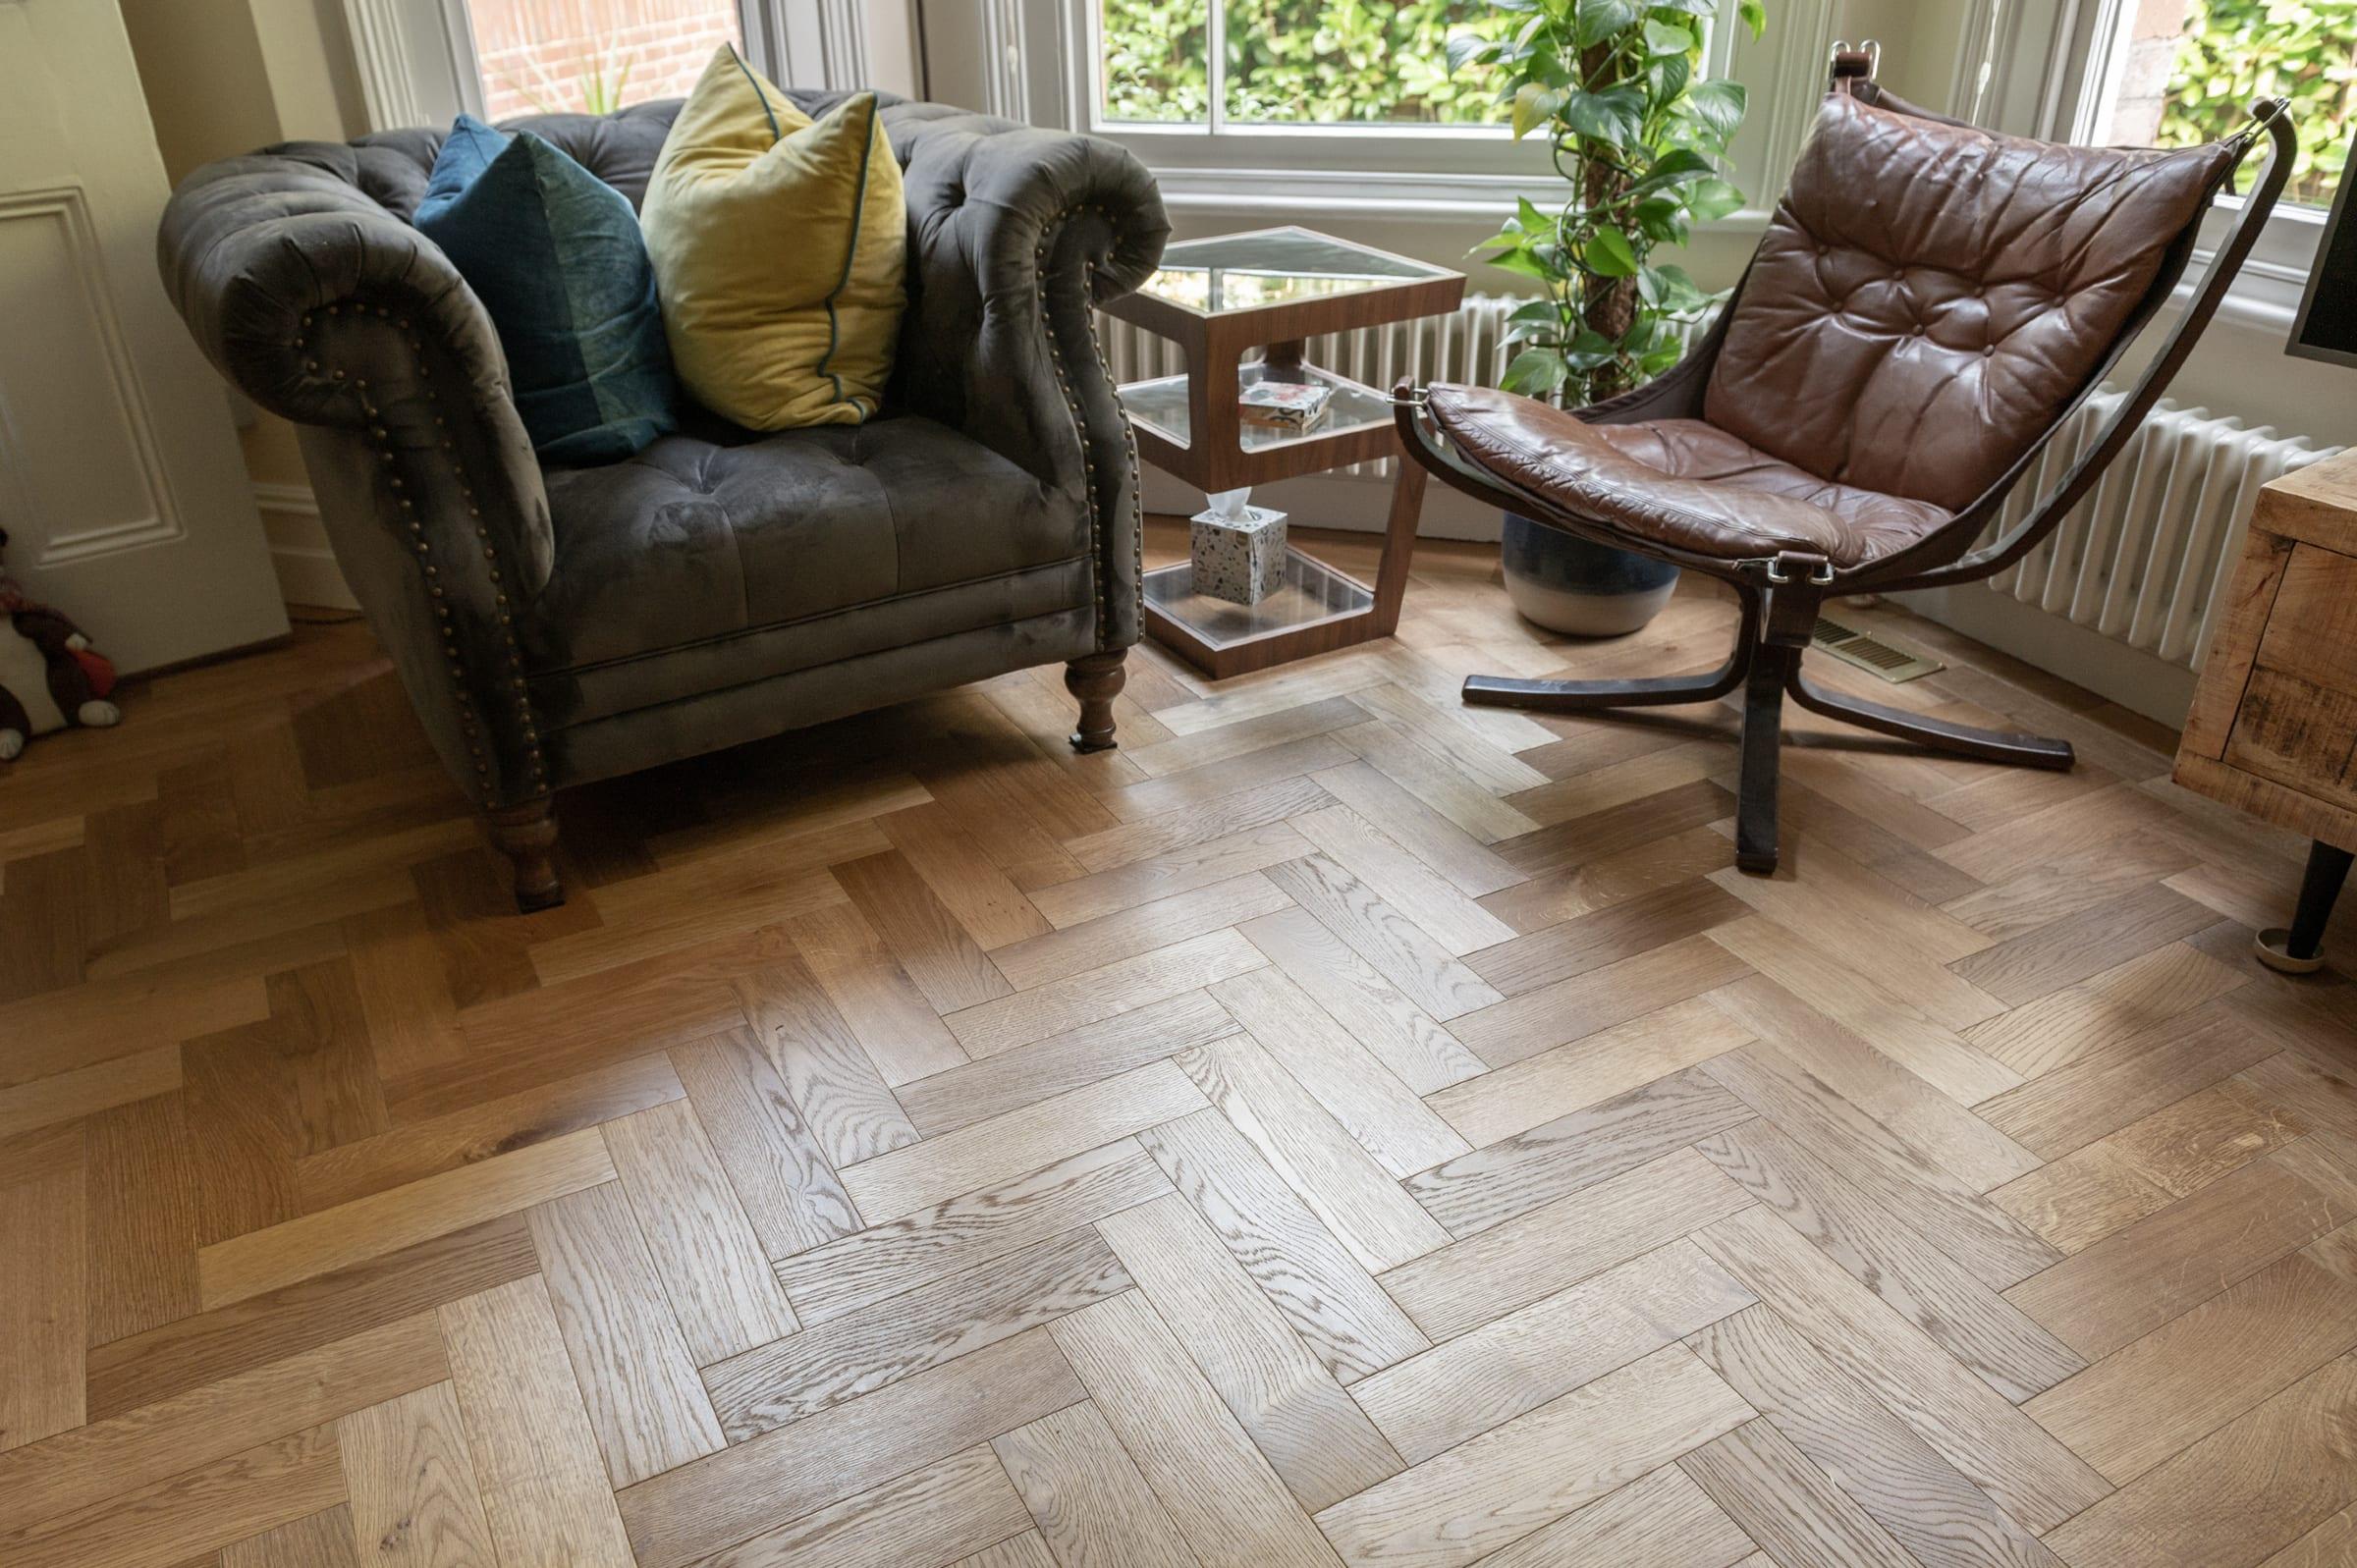 Cosy corner with ZB201 herringbone wood floors